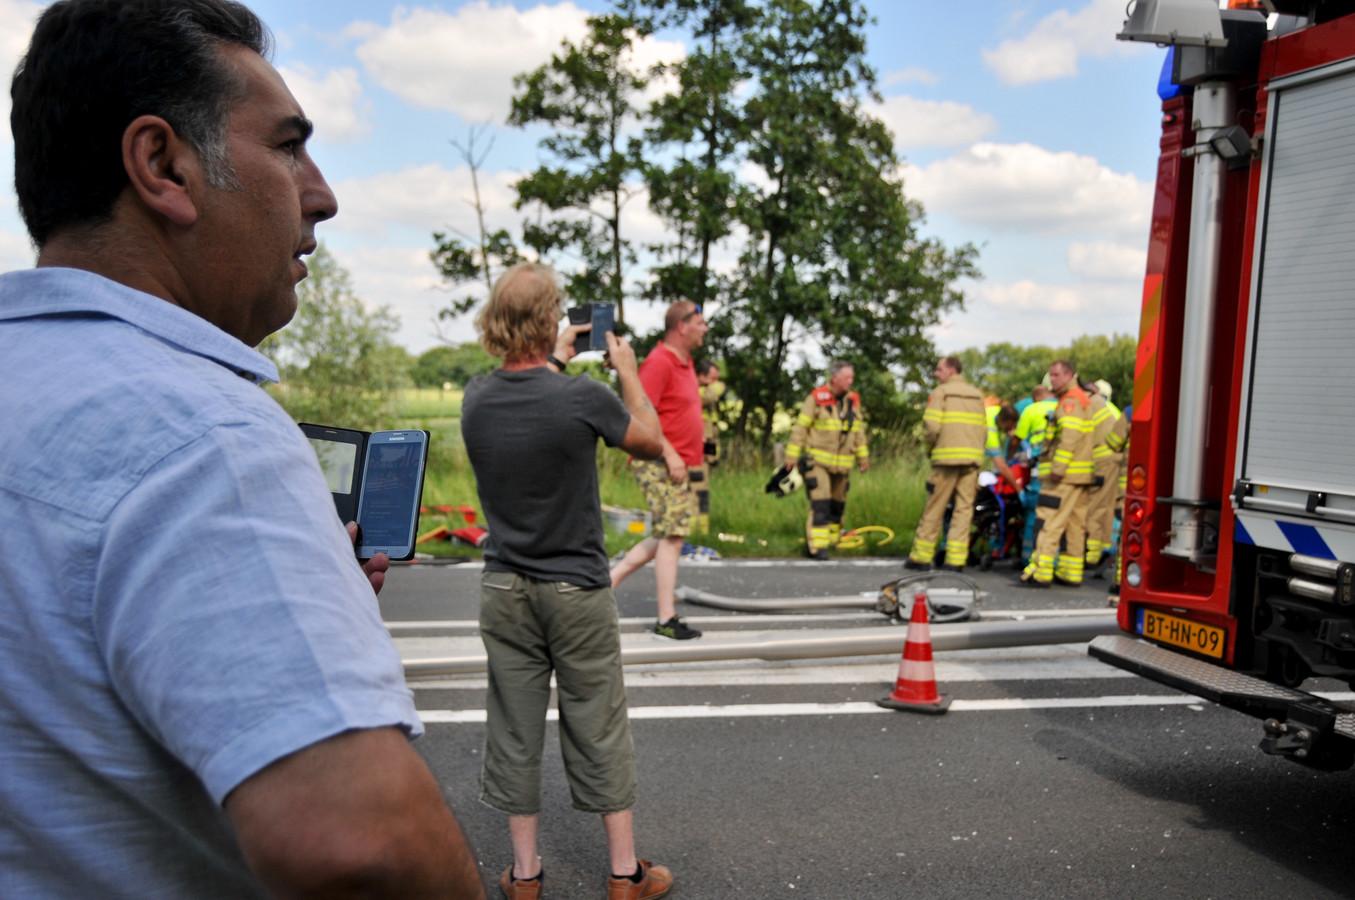 Meerdere mensen maakten video's van het ongeluk. Een aantal deelde deze zelfs live via Facebook.